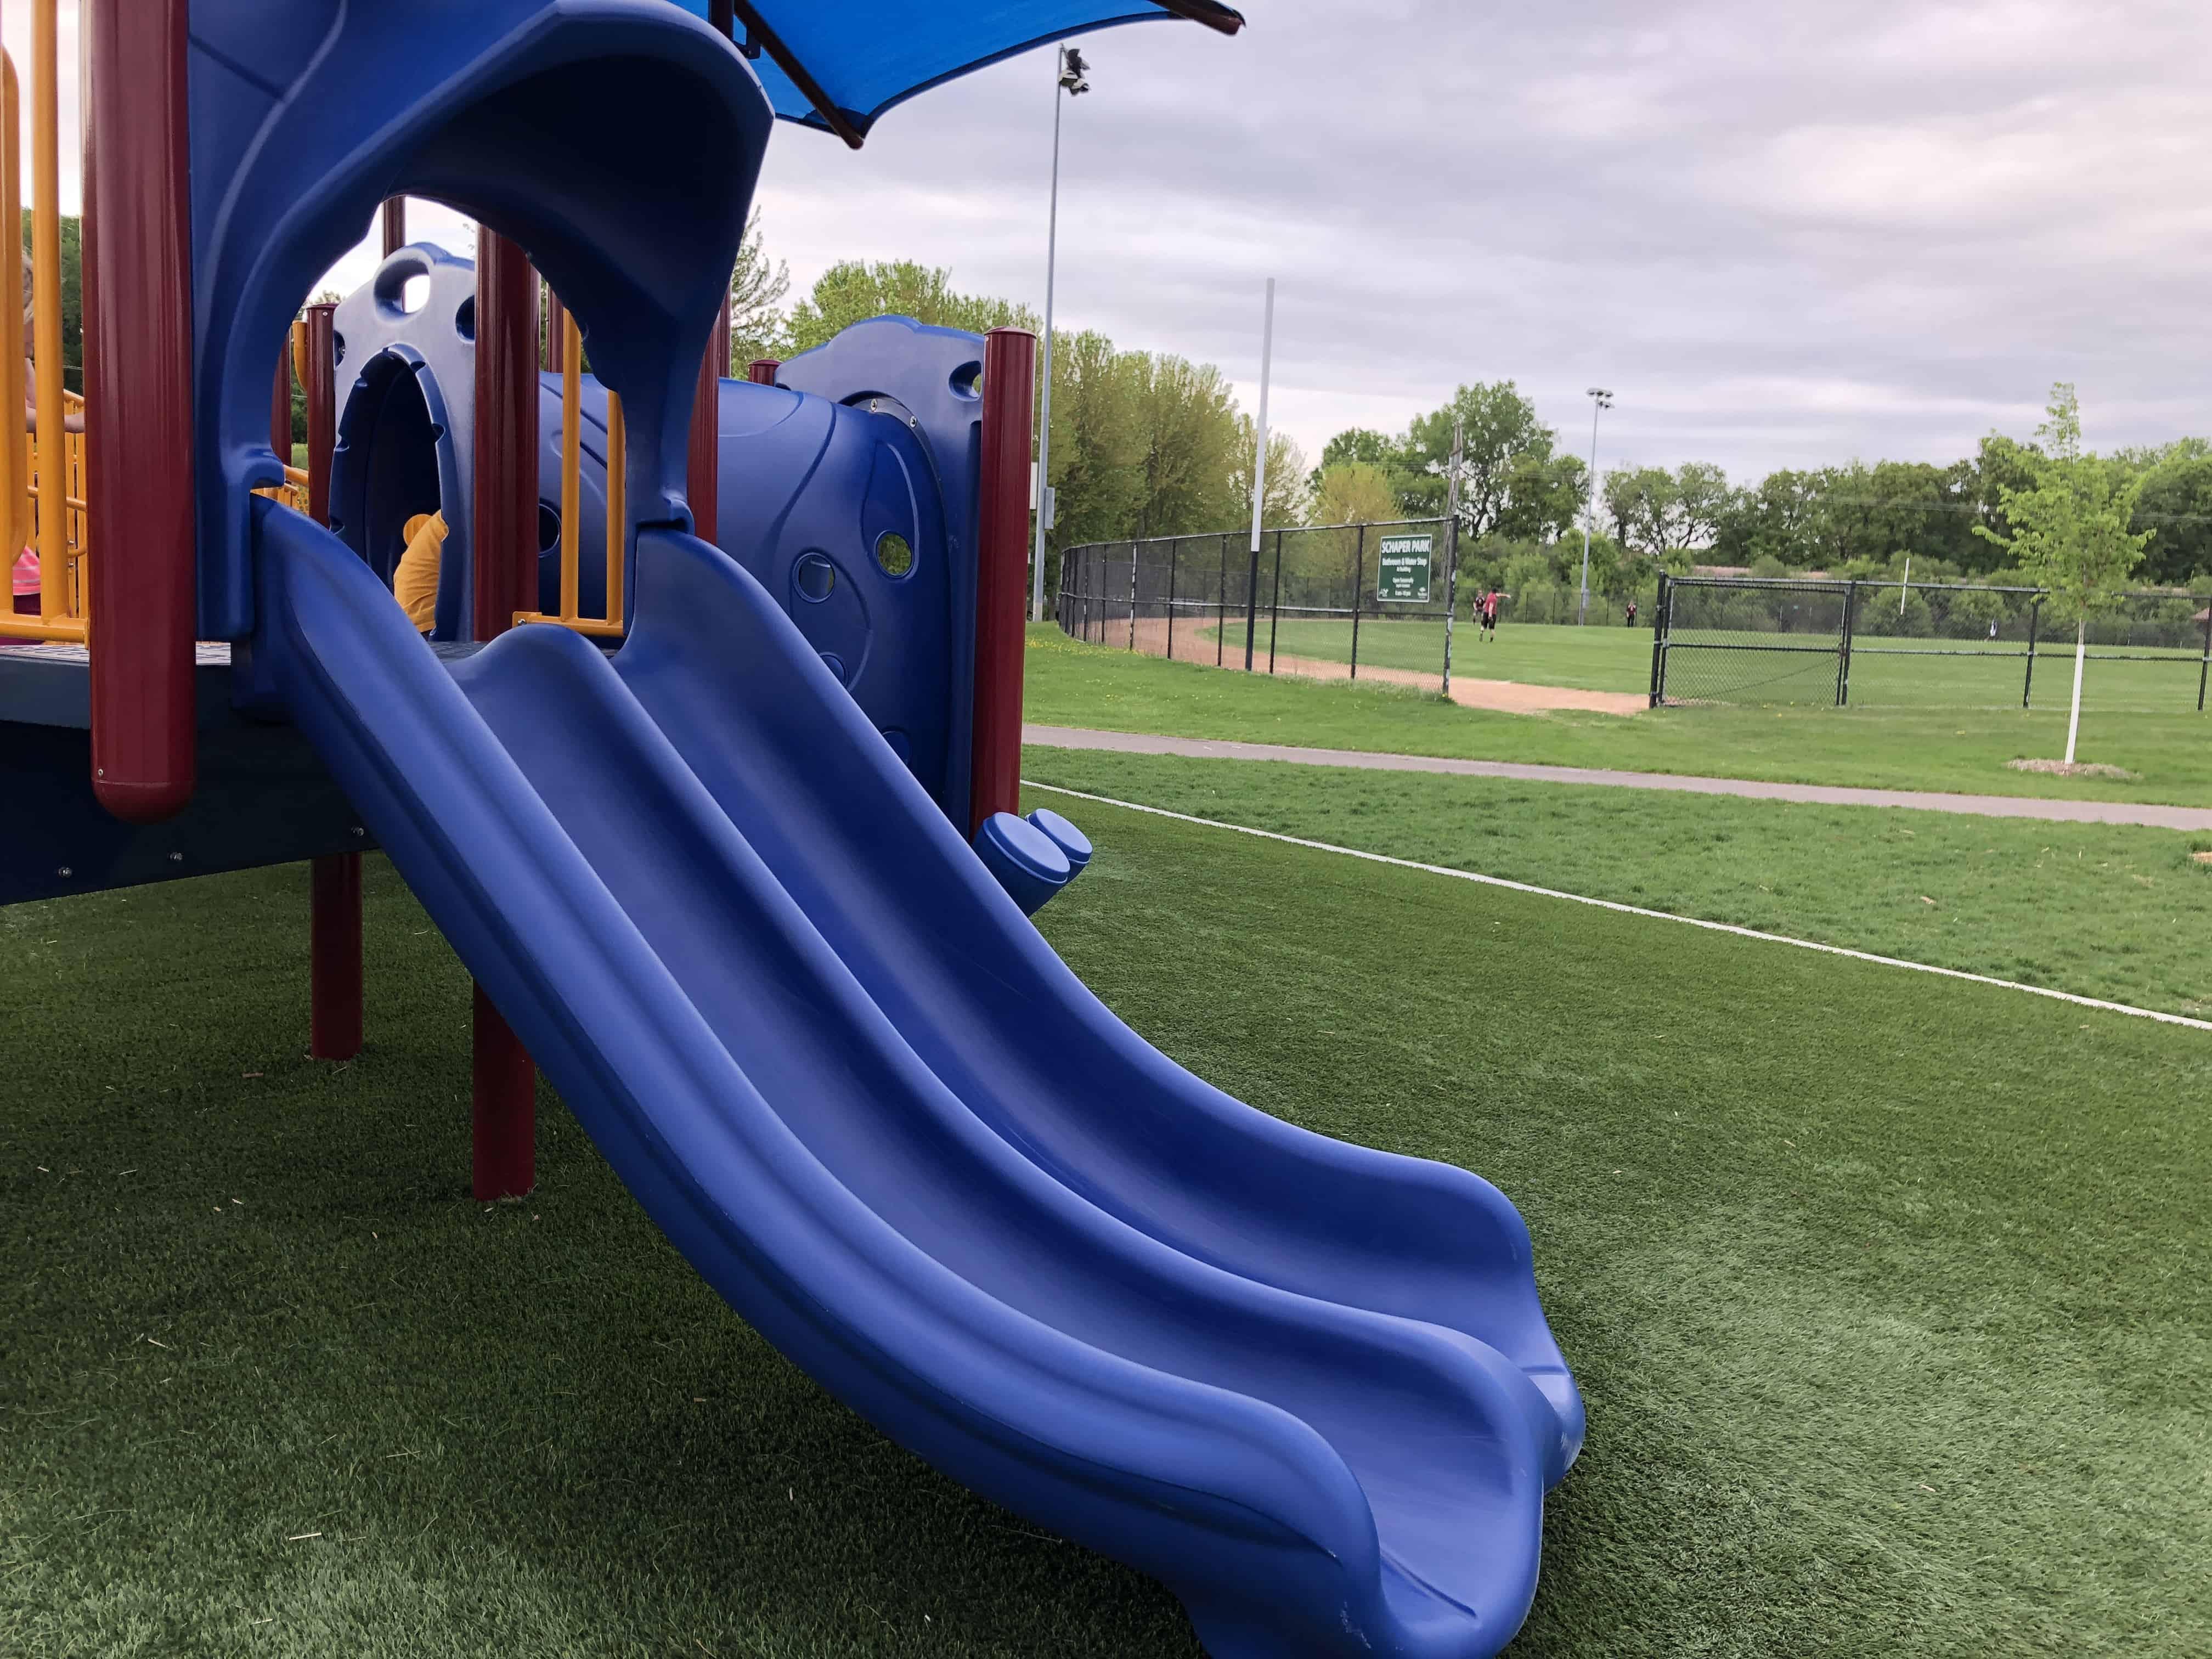 Schaper Park